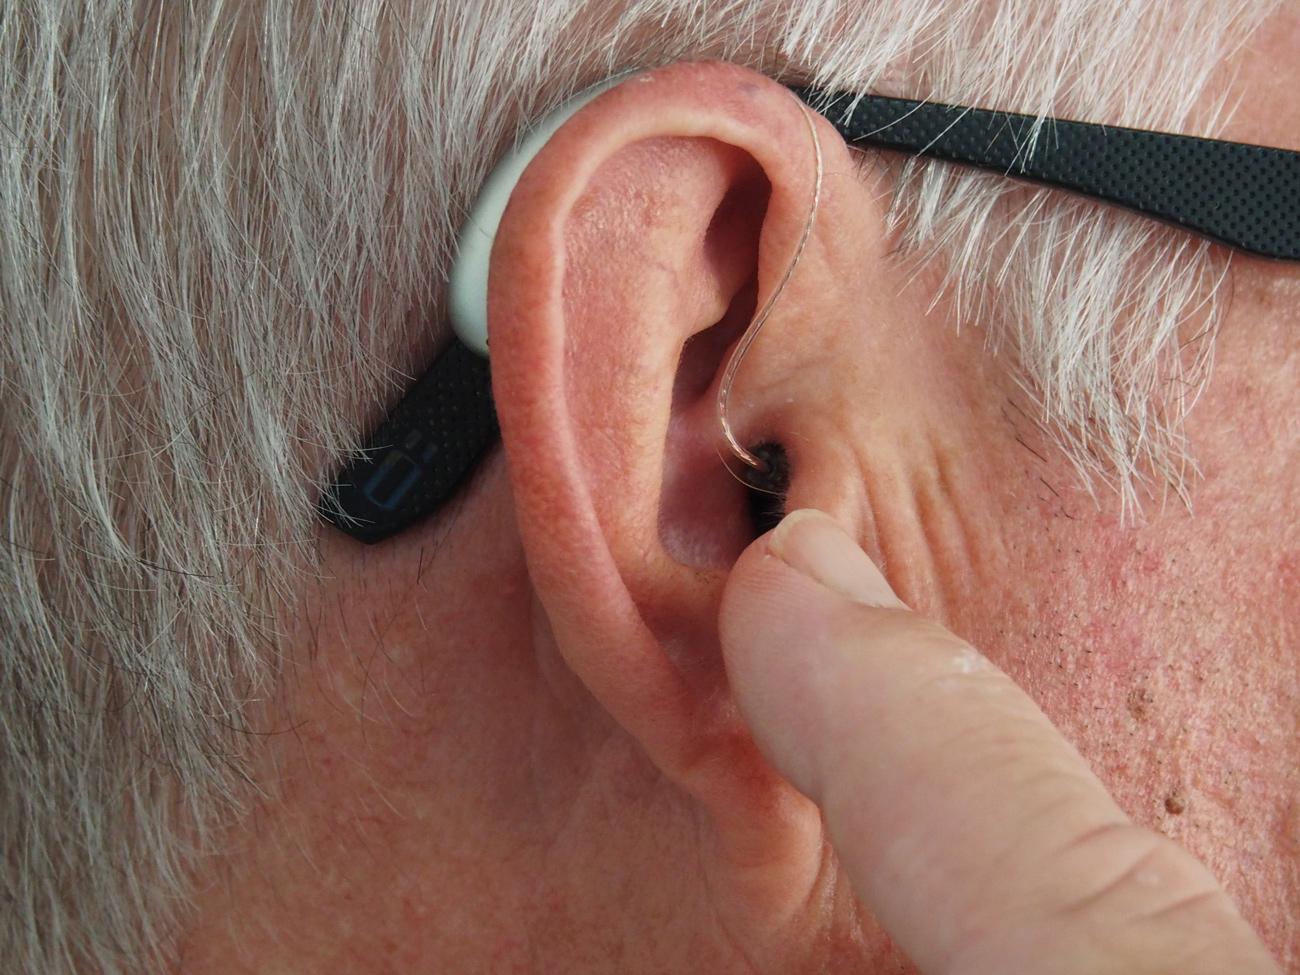 🦻🏻 Науковці розробили слуховий апарат за $1